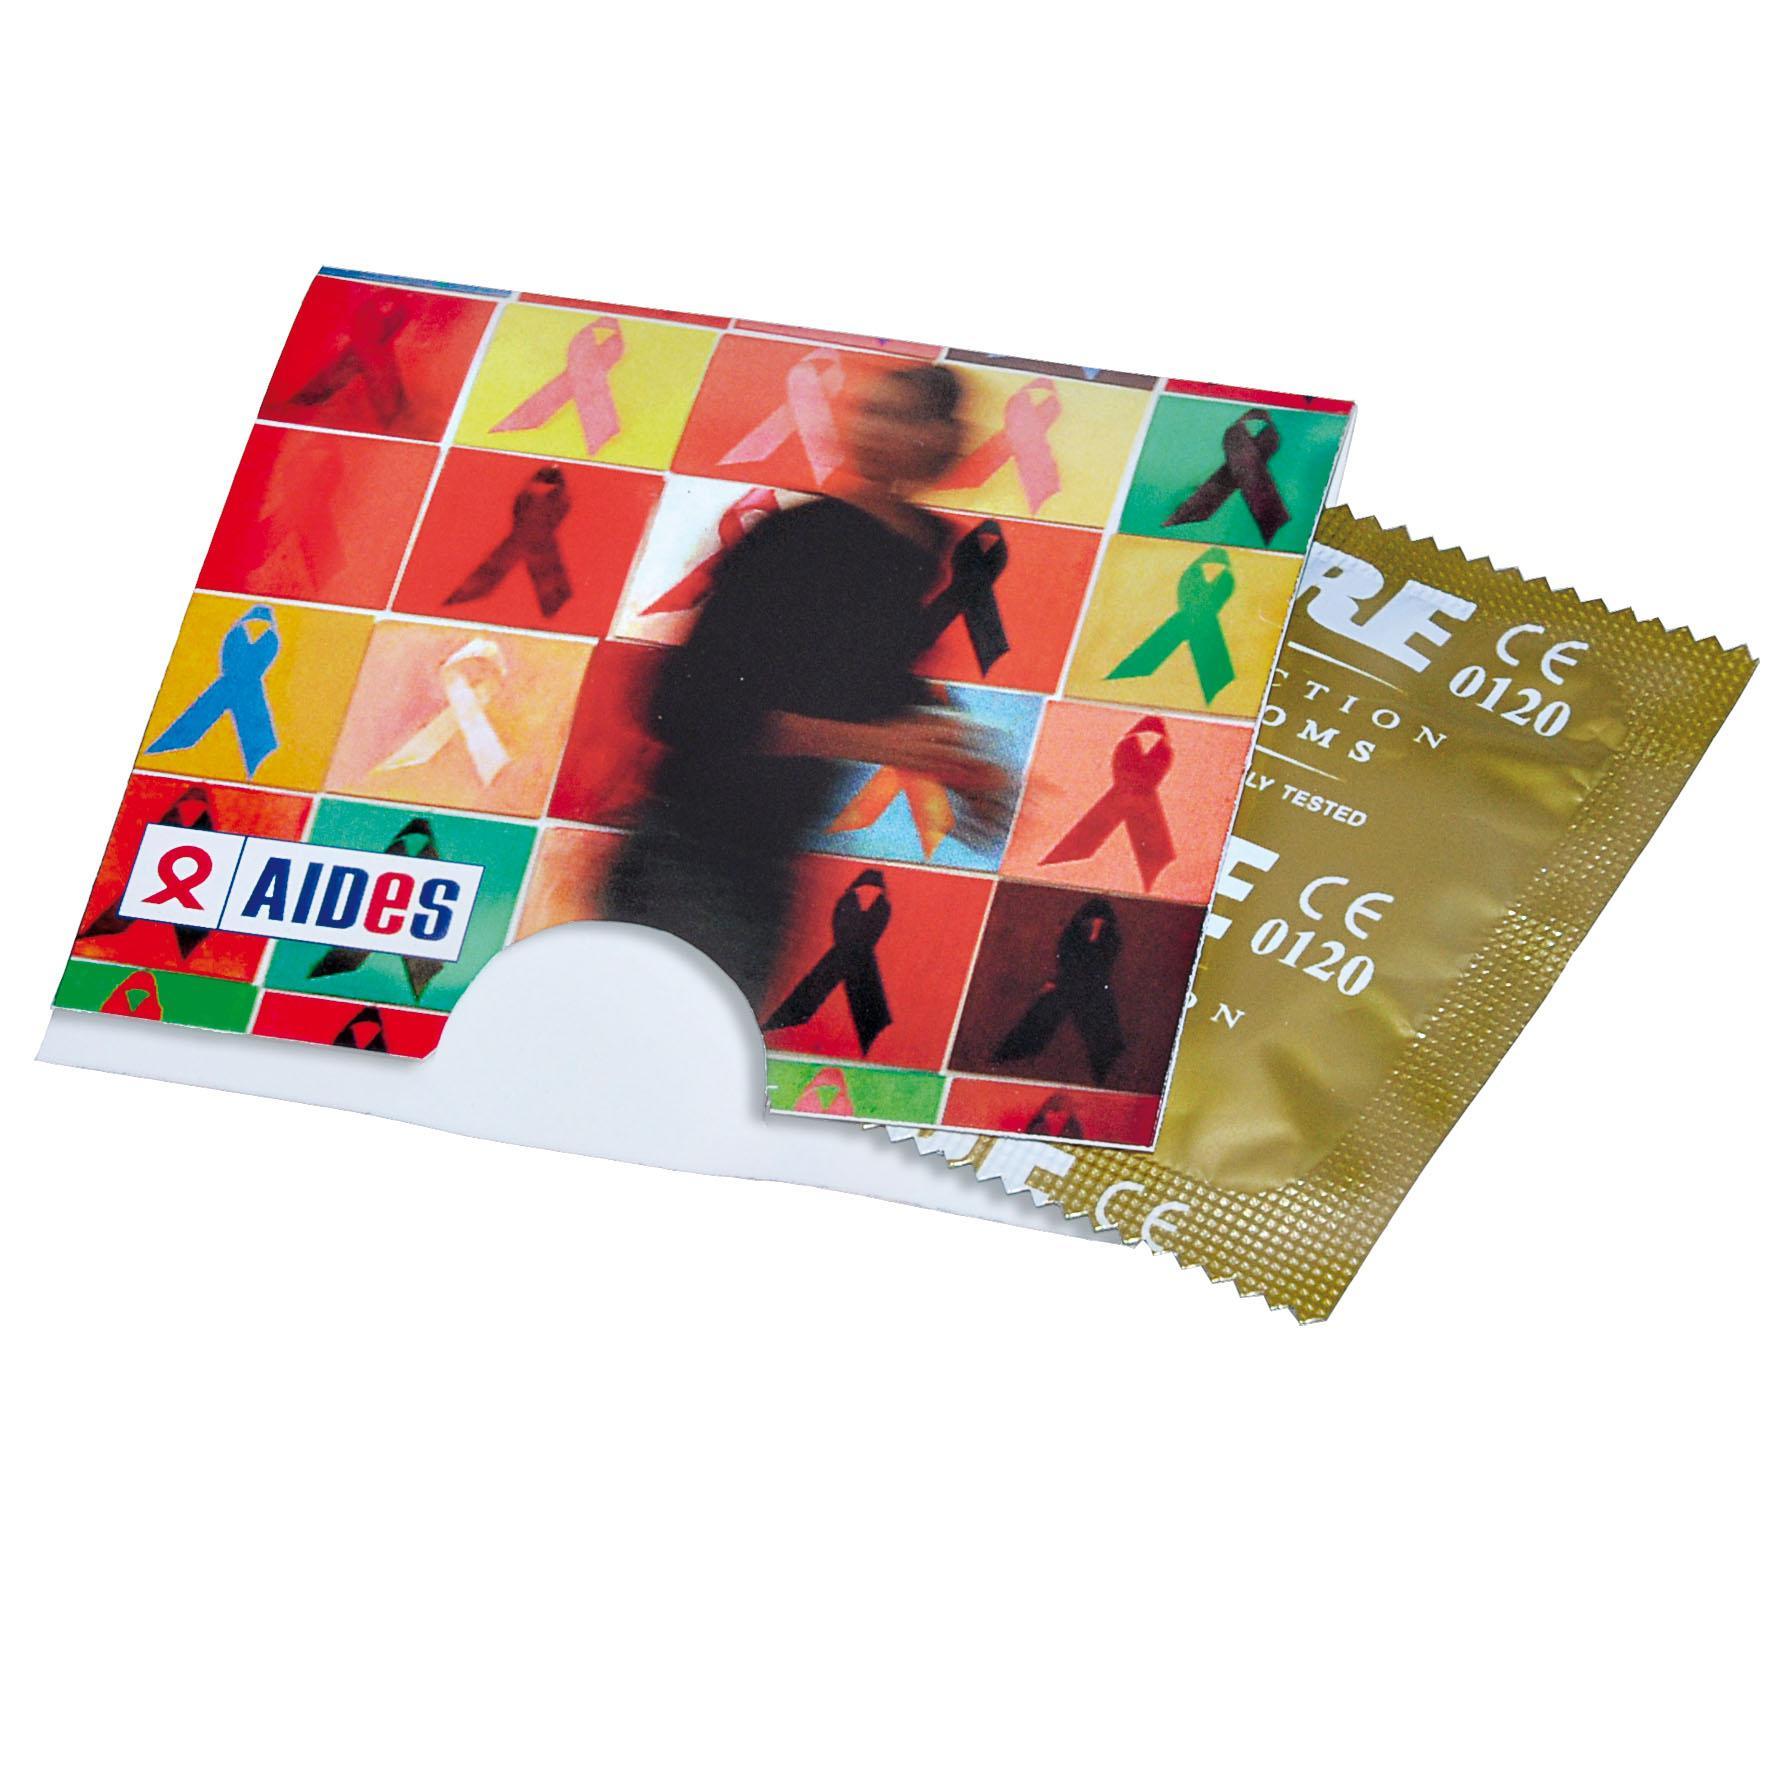 Objet promotionnel - Préservatif avec étui personnalisable en carton Love